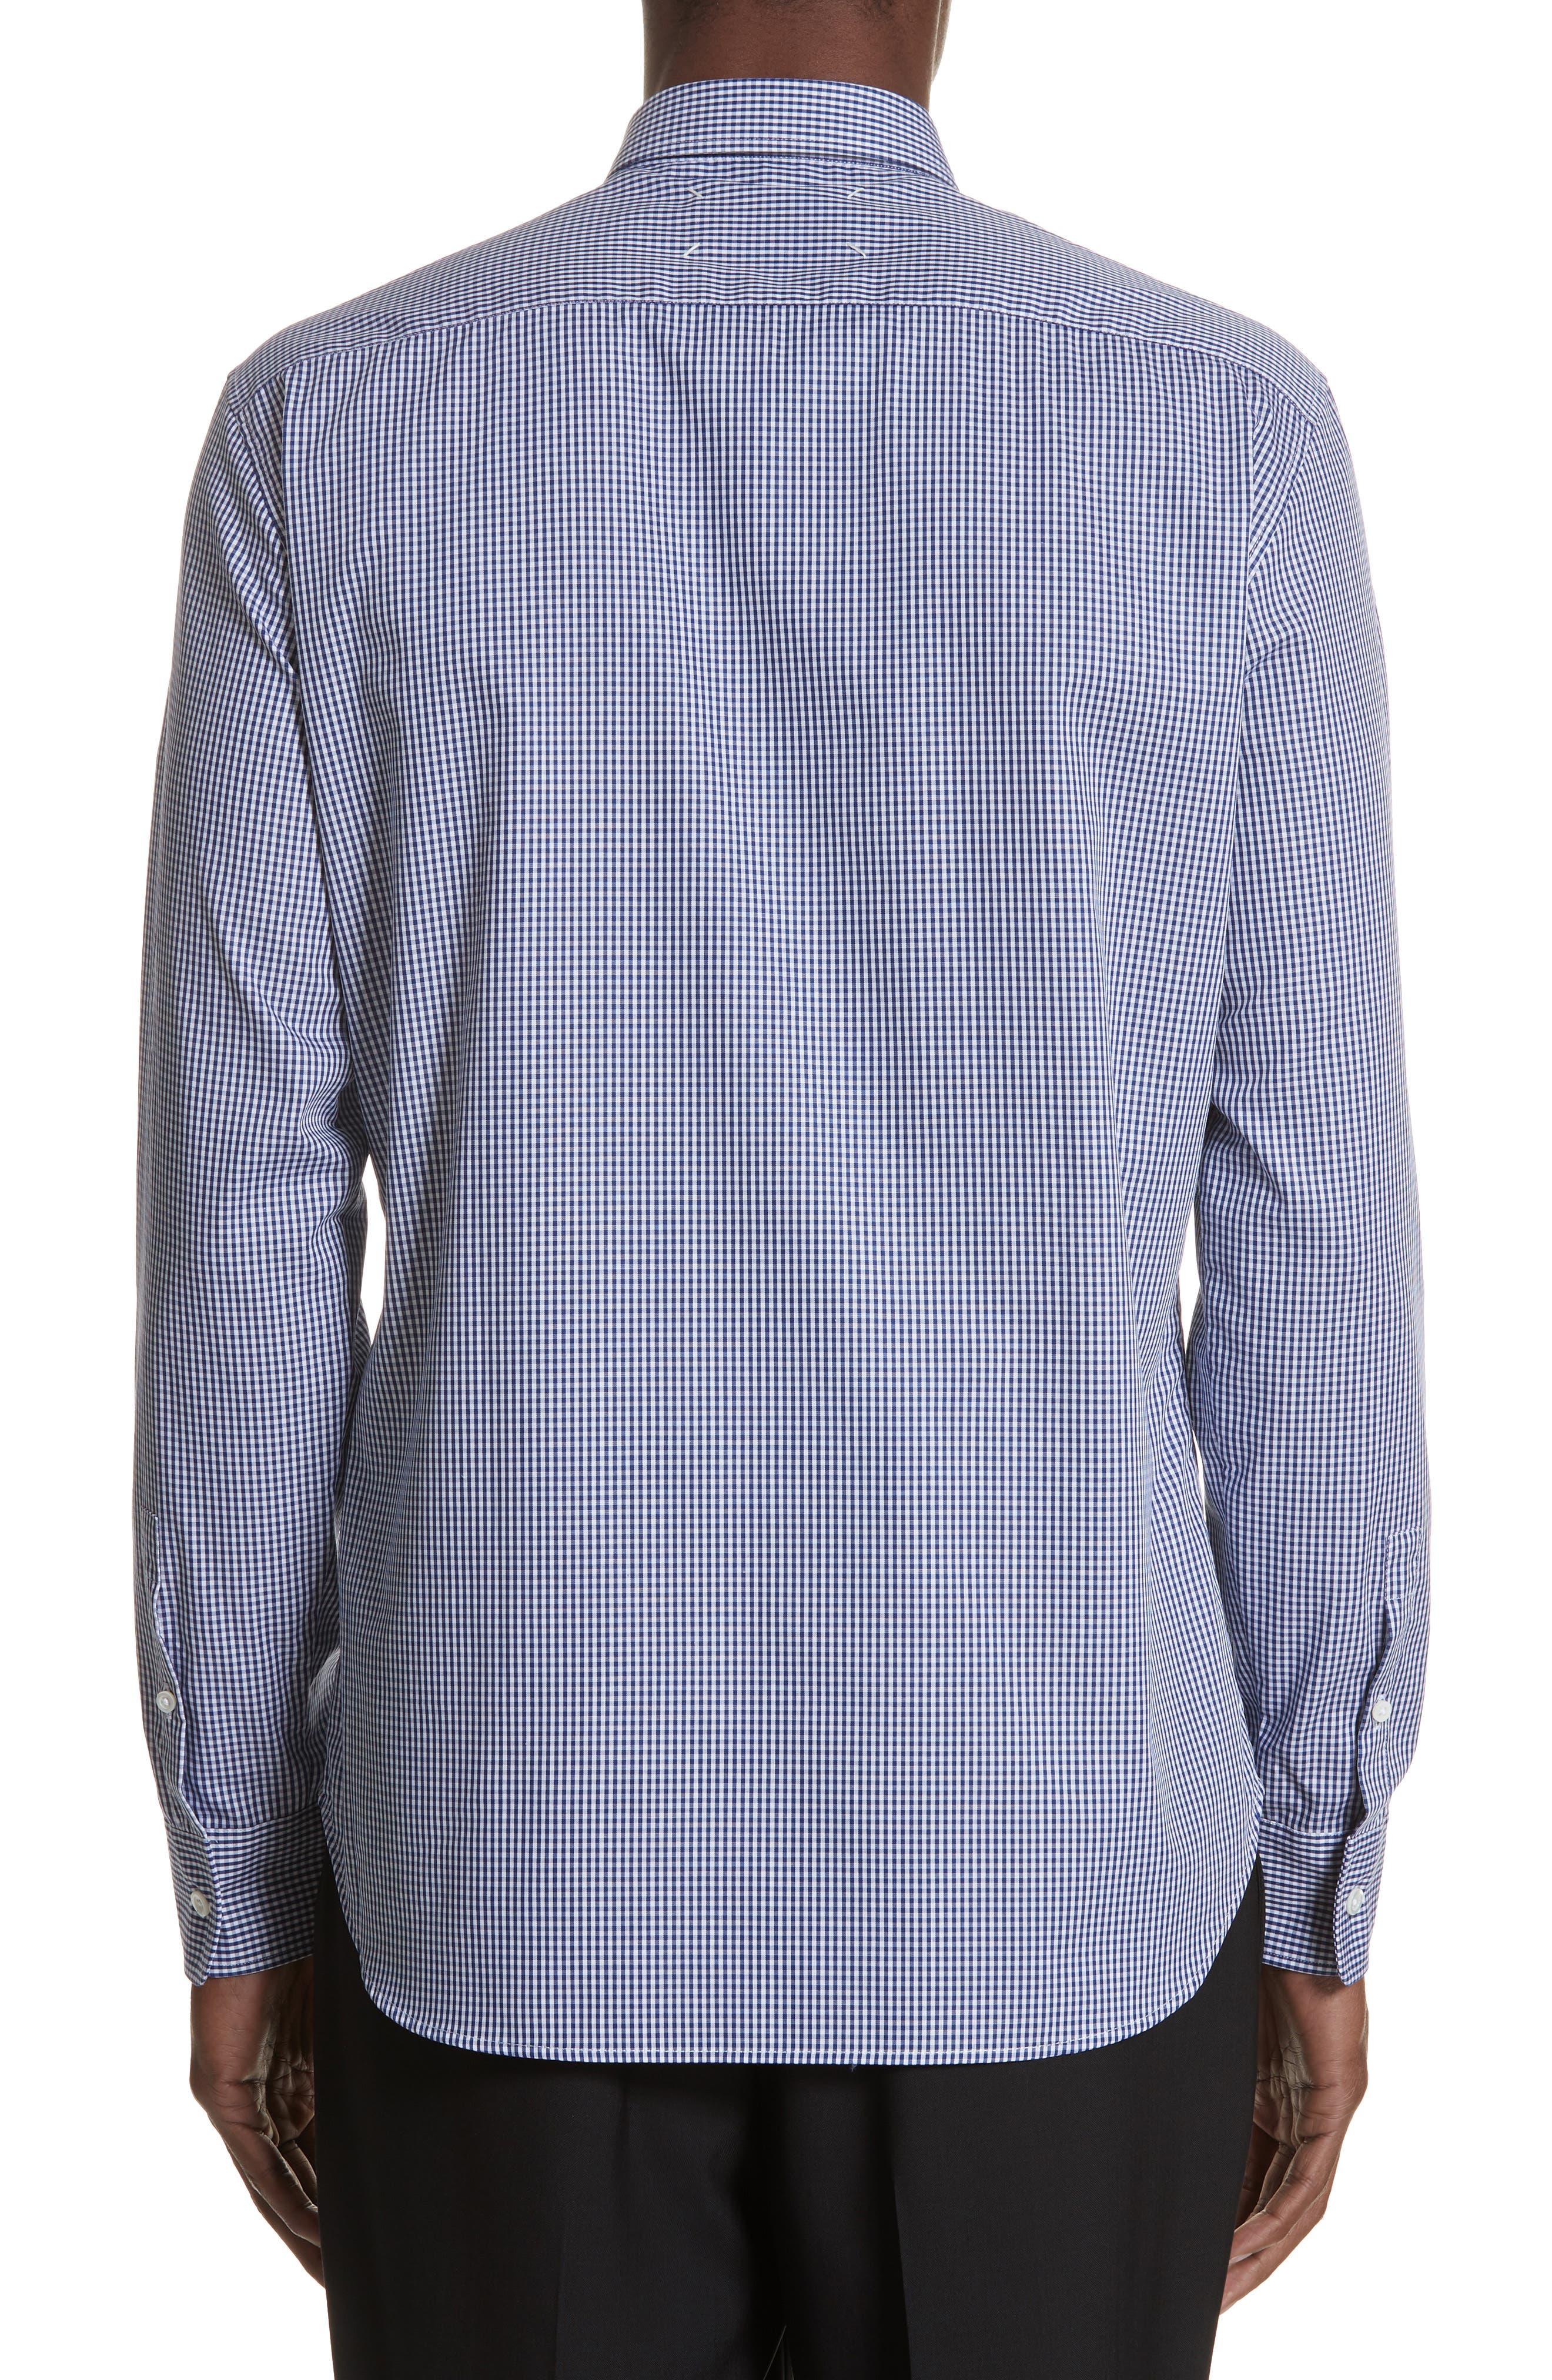 Gingham Woven Sport Shirt,                             Alternate thumbnail 4, color,                             Blue